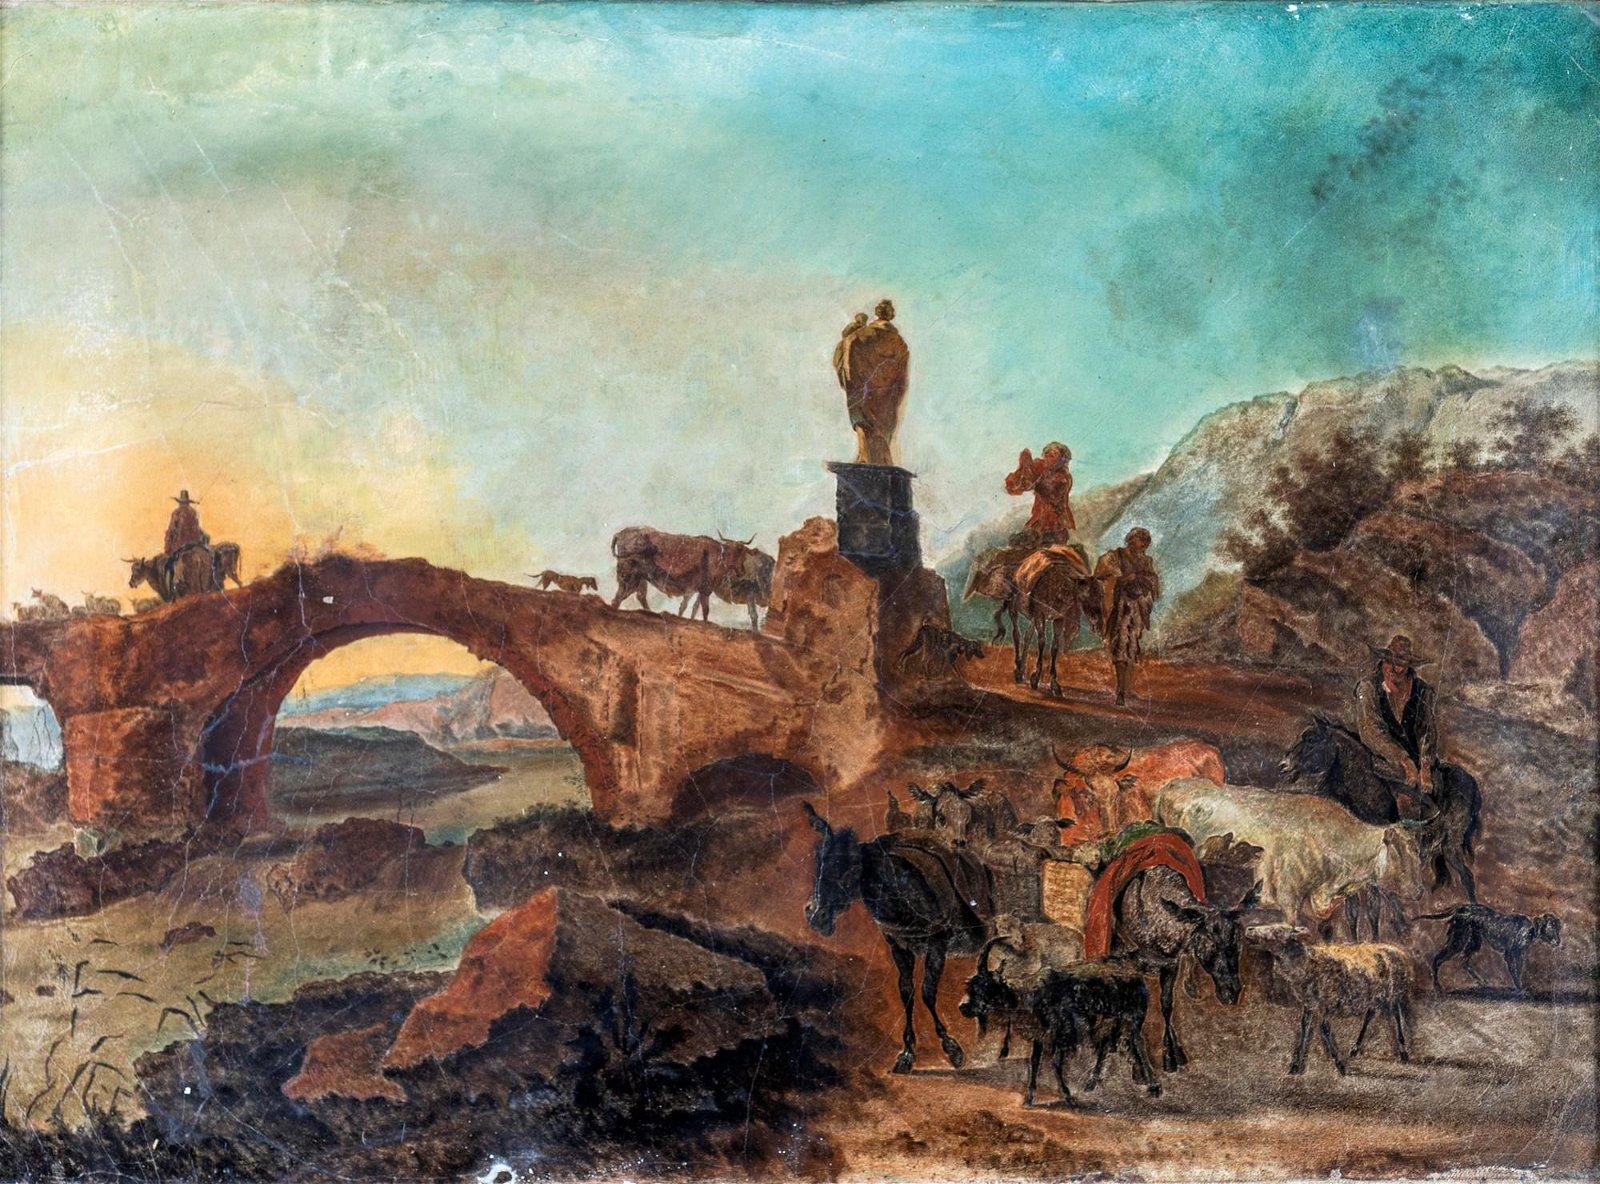 Pittore degli inizi del XIX secolo   River landscape